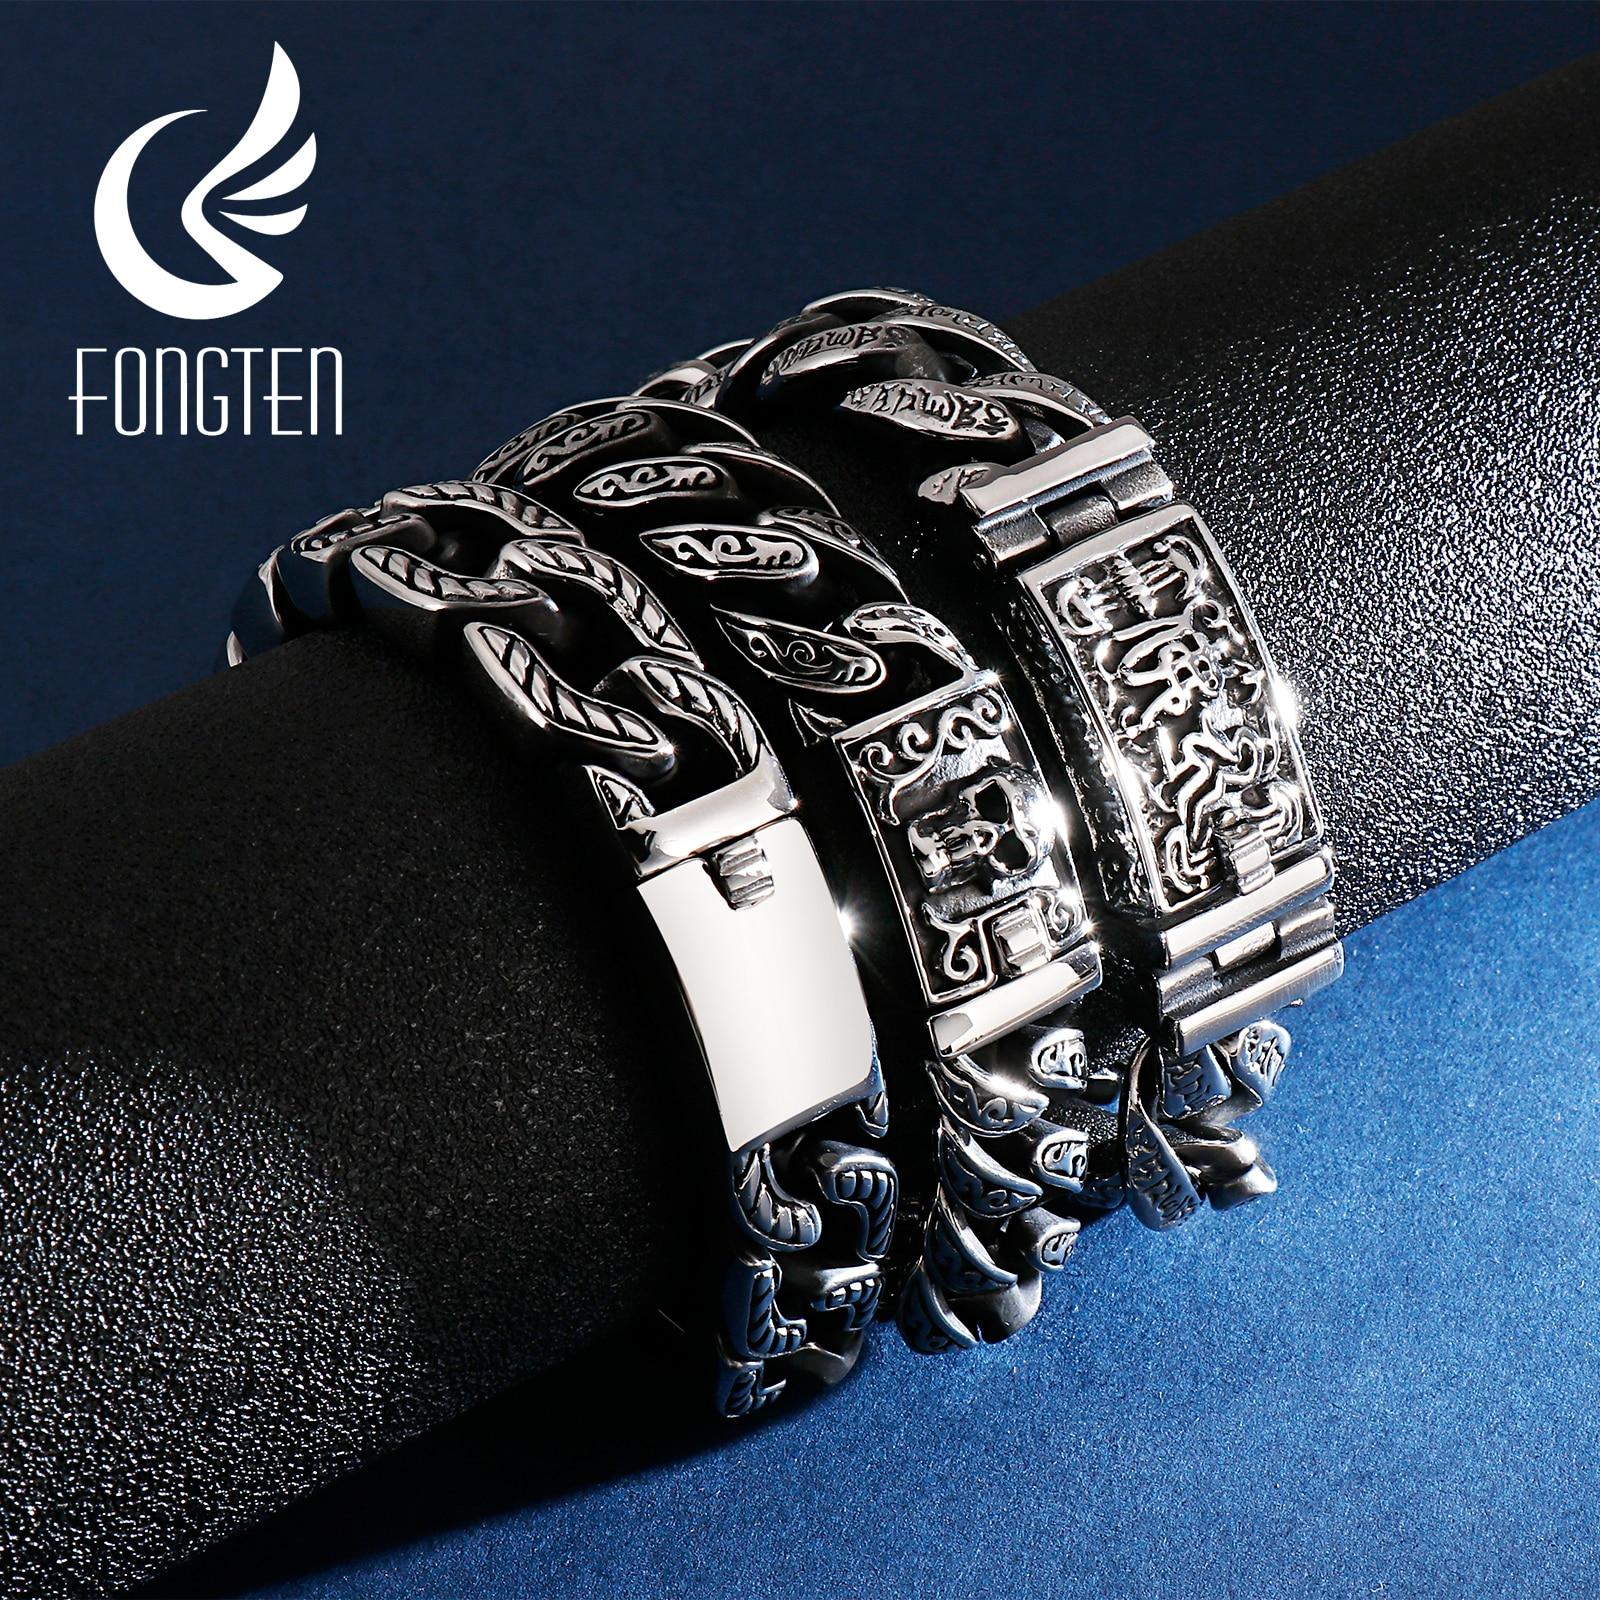 AliExpress - Fongten Budha Cuban Bracelet Men Stainless Steel Retro Link Chain Skull Punk Bracelets For Man Jewelry